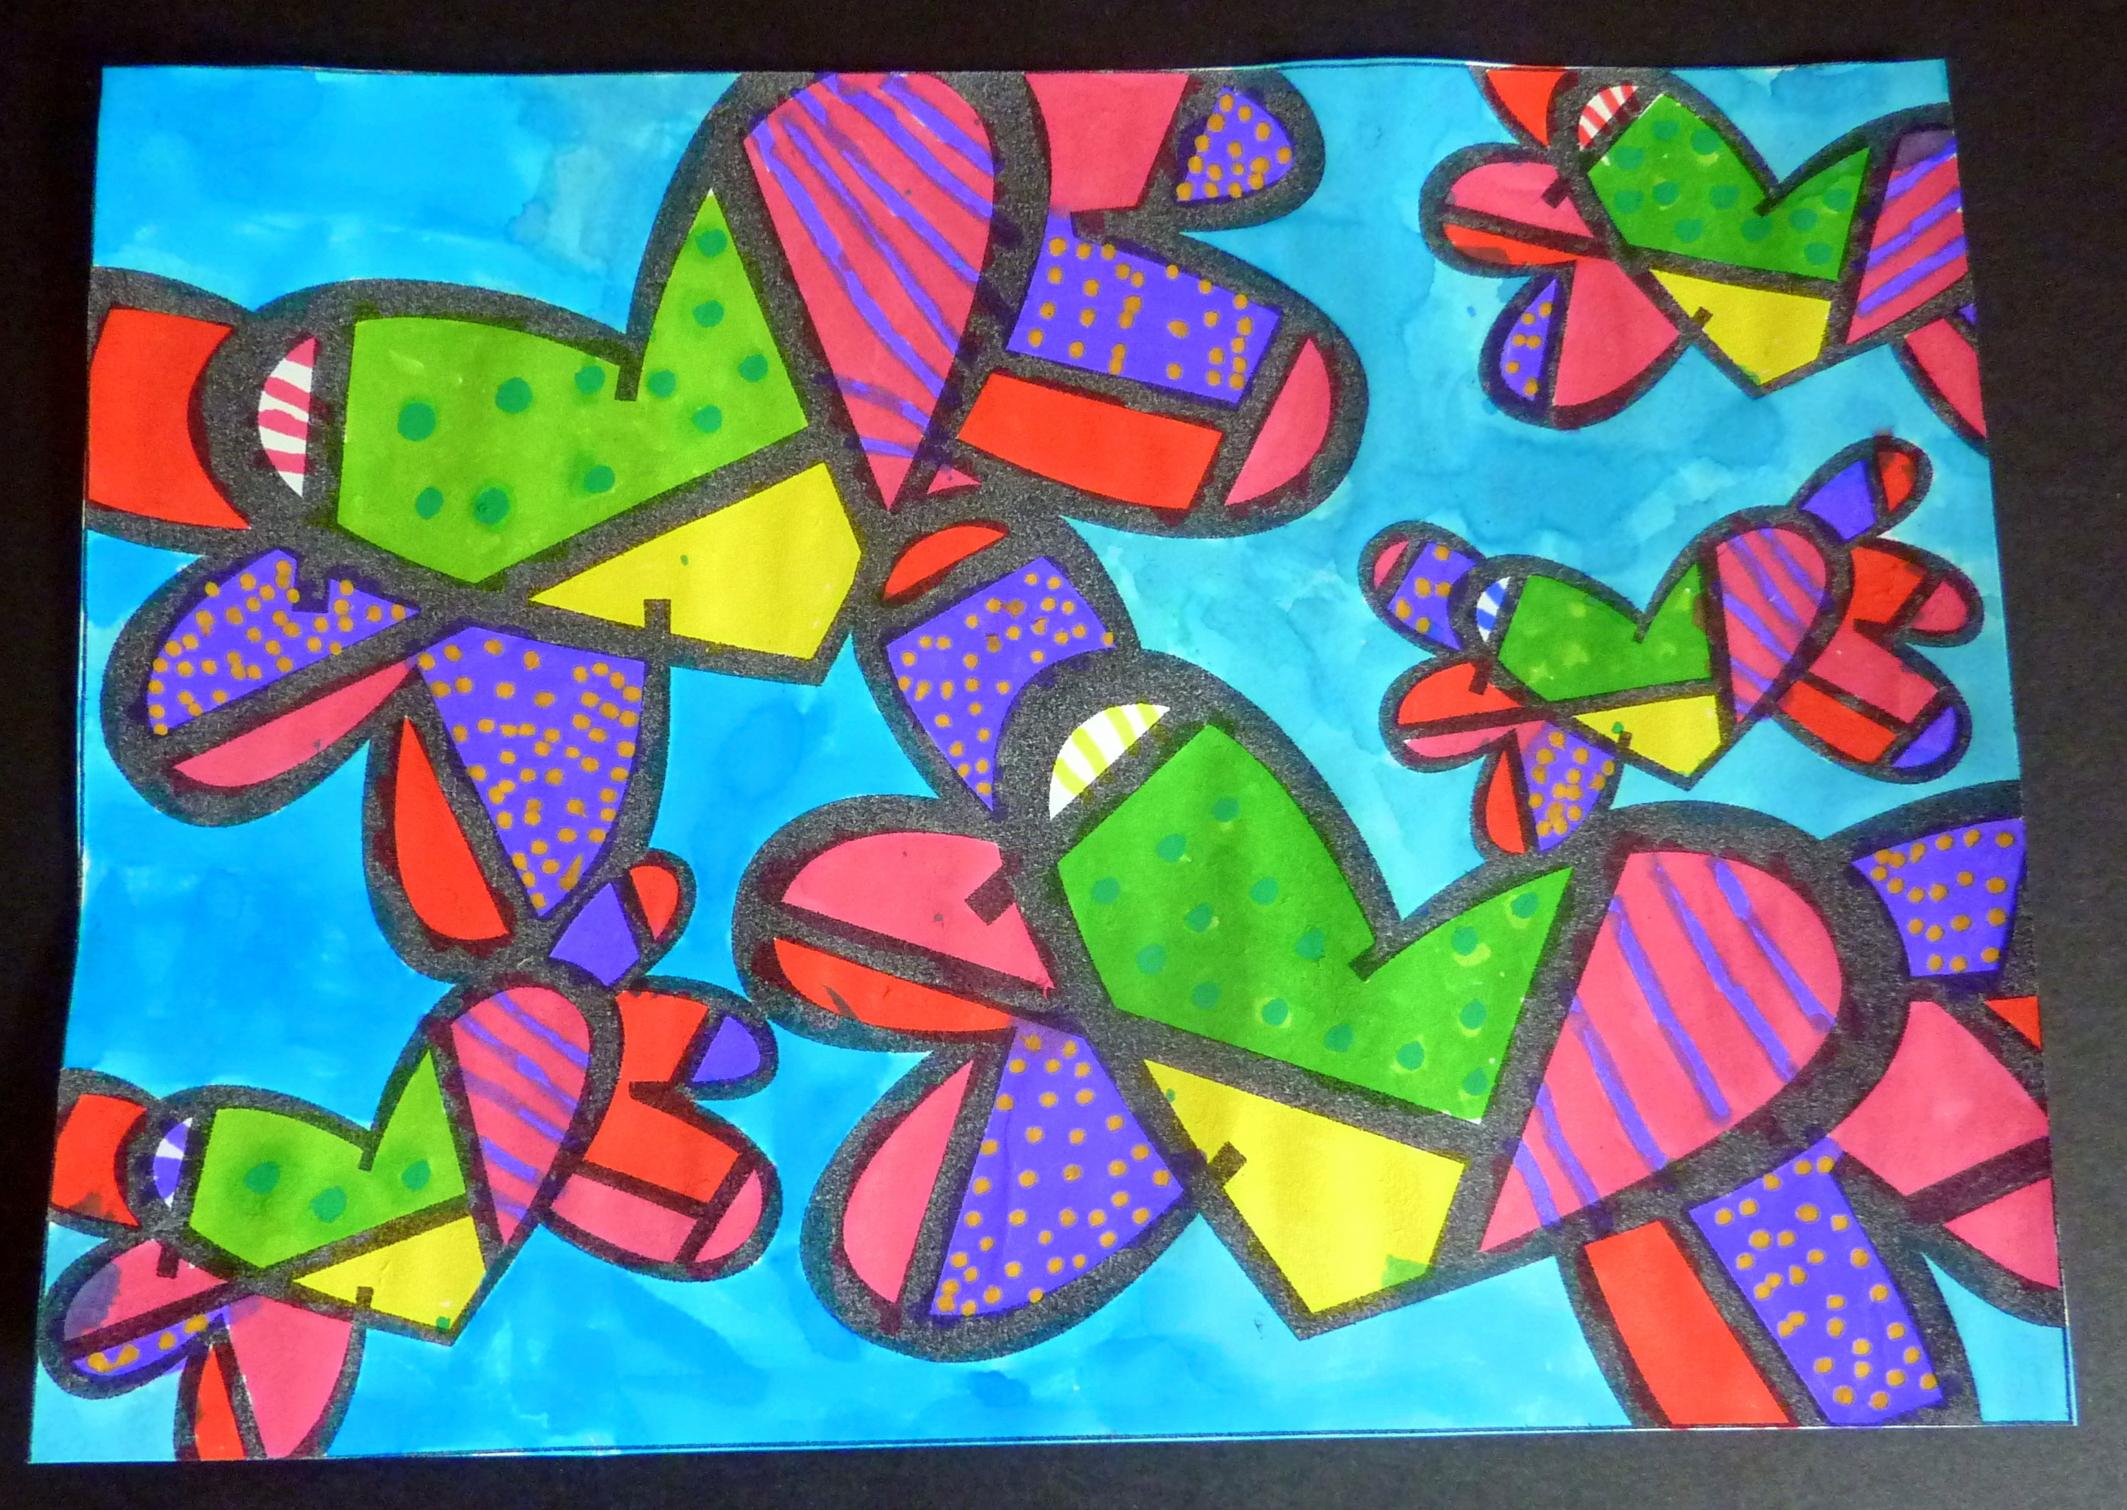 arts visuels inspir u00e9s de romero britto